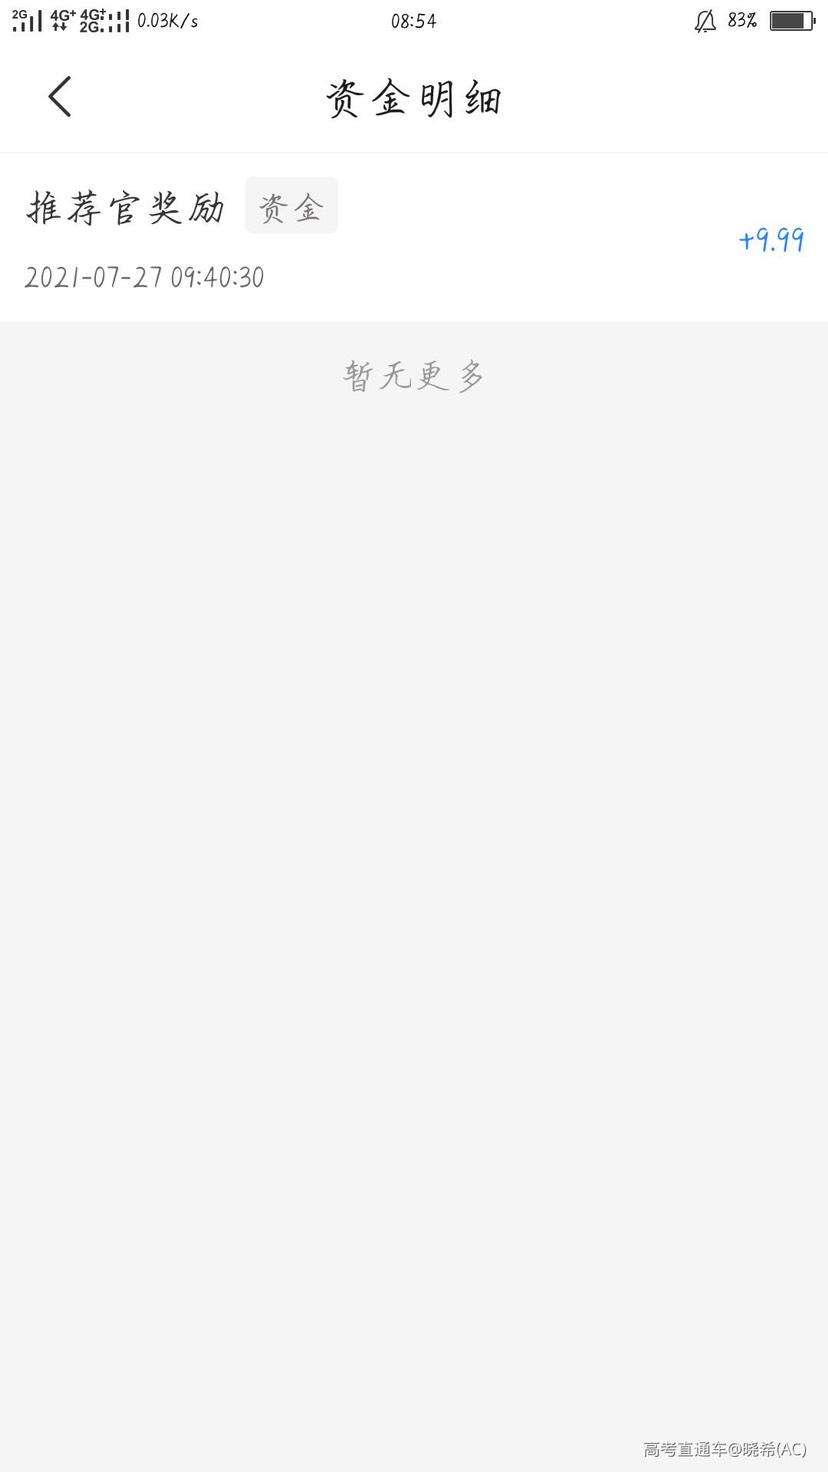 大水【微信红包】6.78元插图7